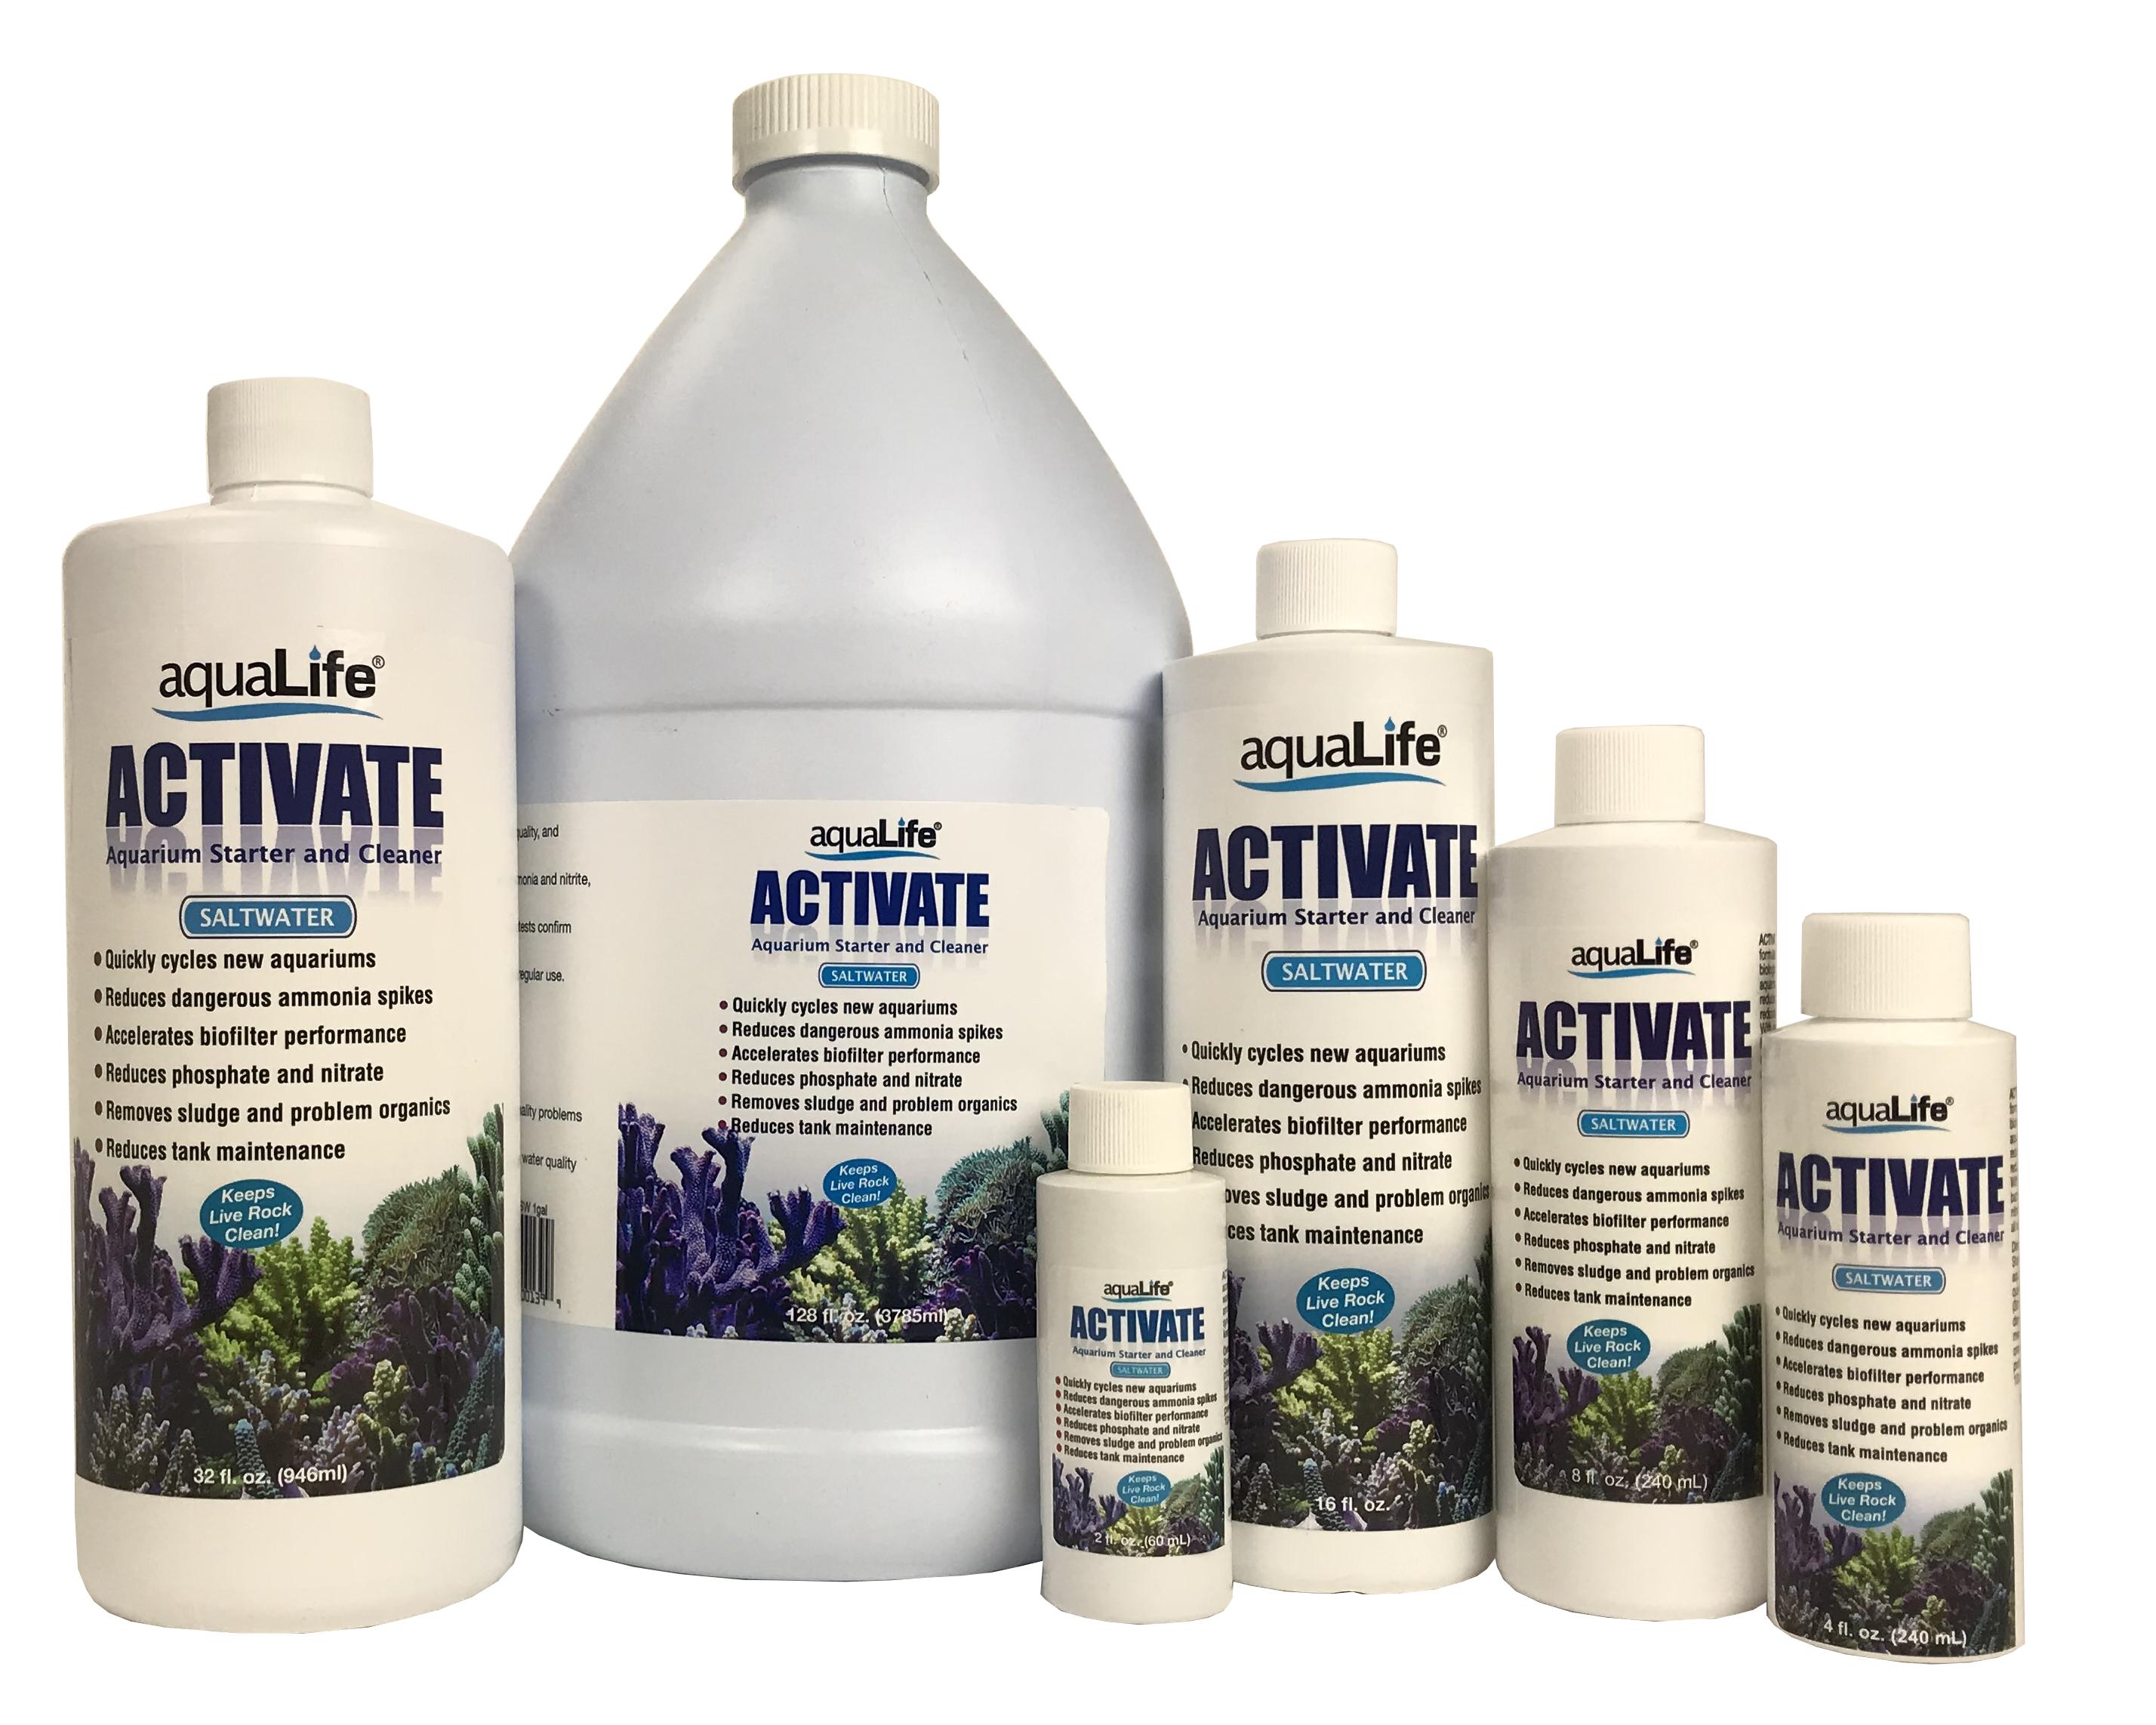 Activate Saltwater 32 oz Aquarium Starter and Cleaner